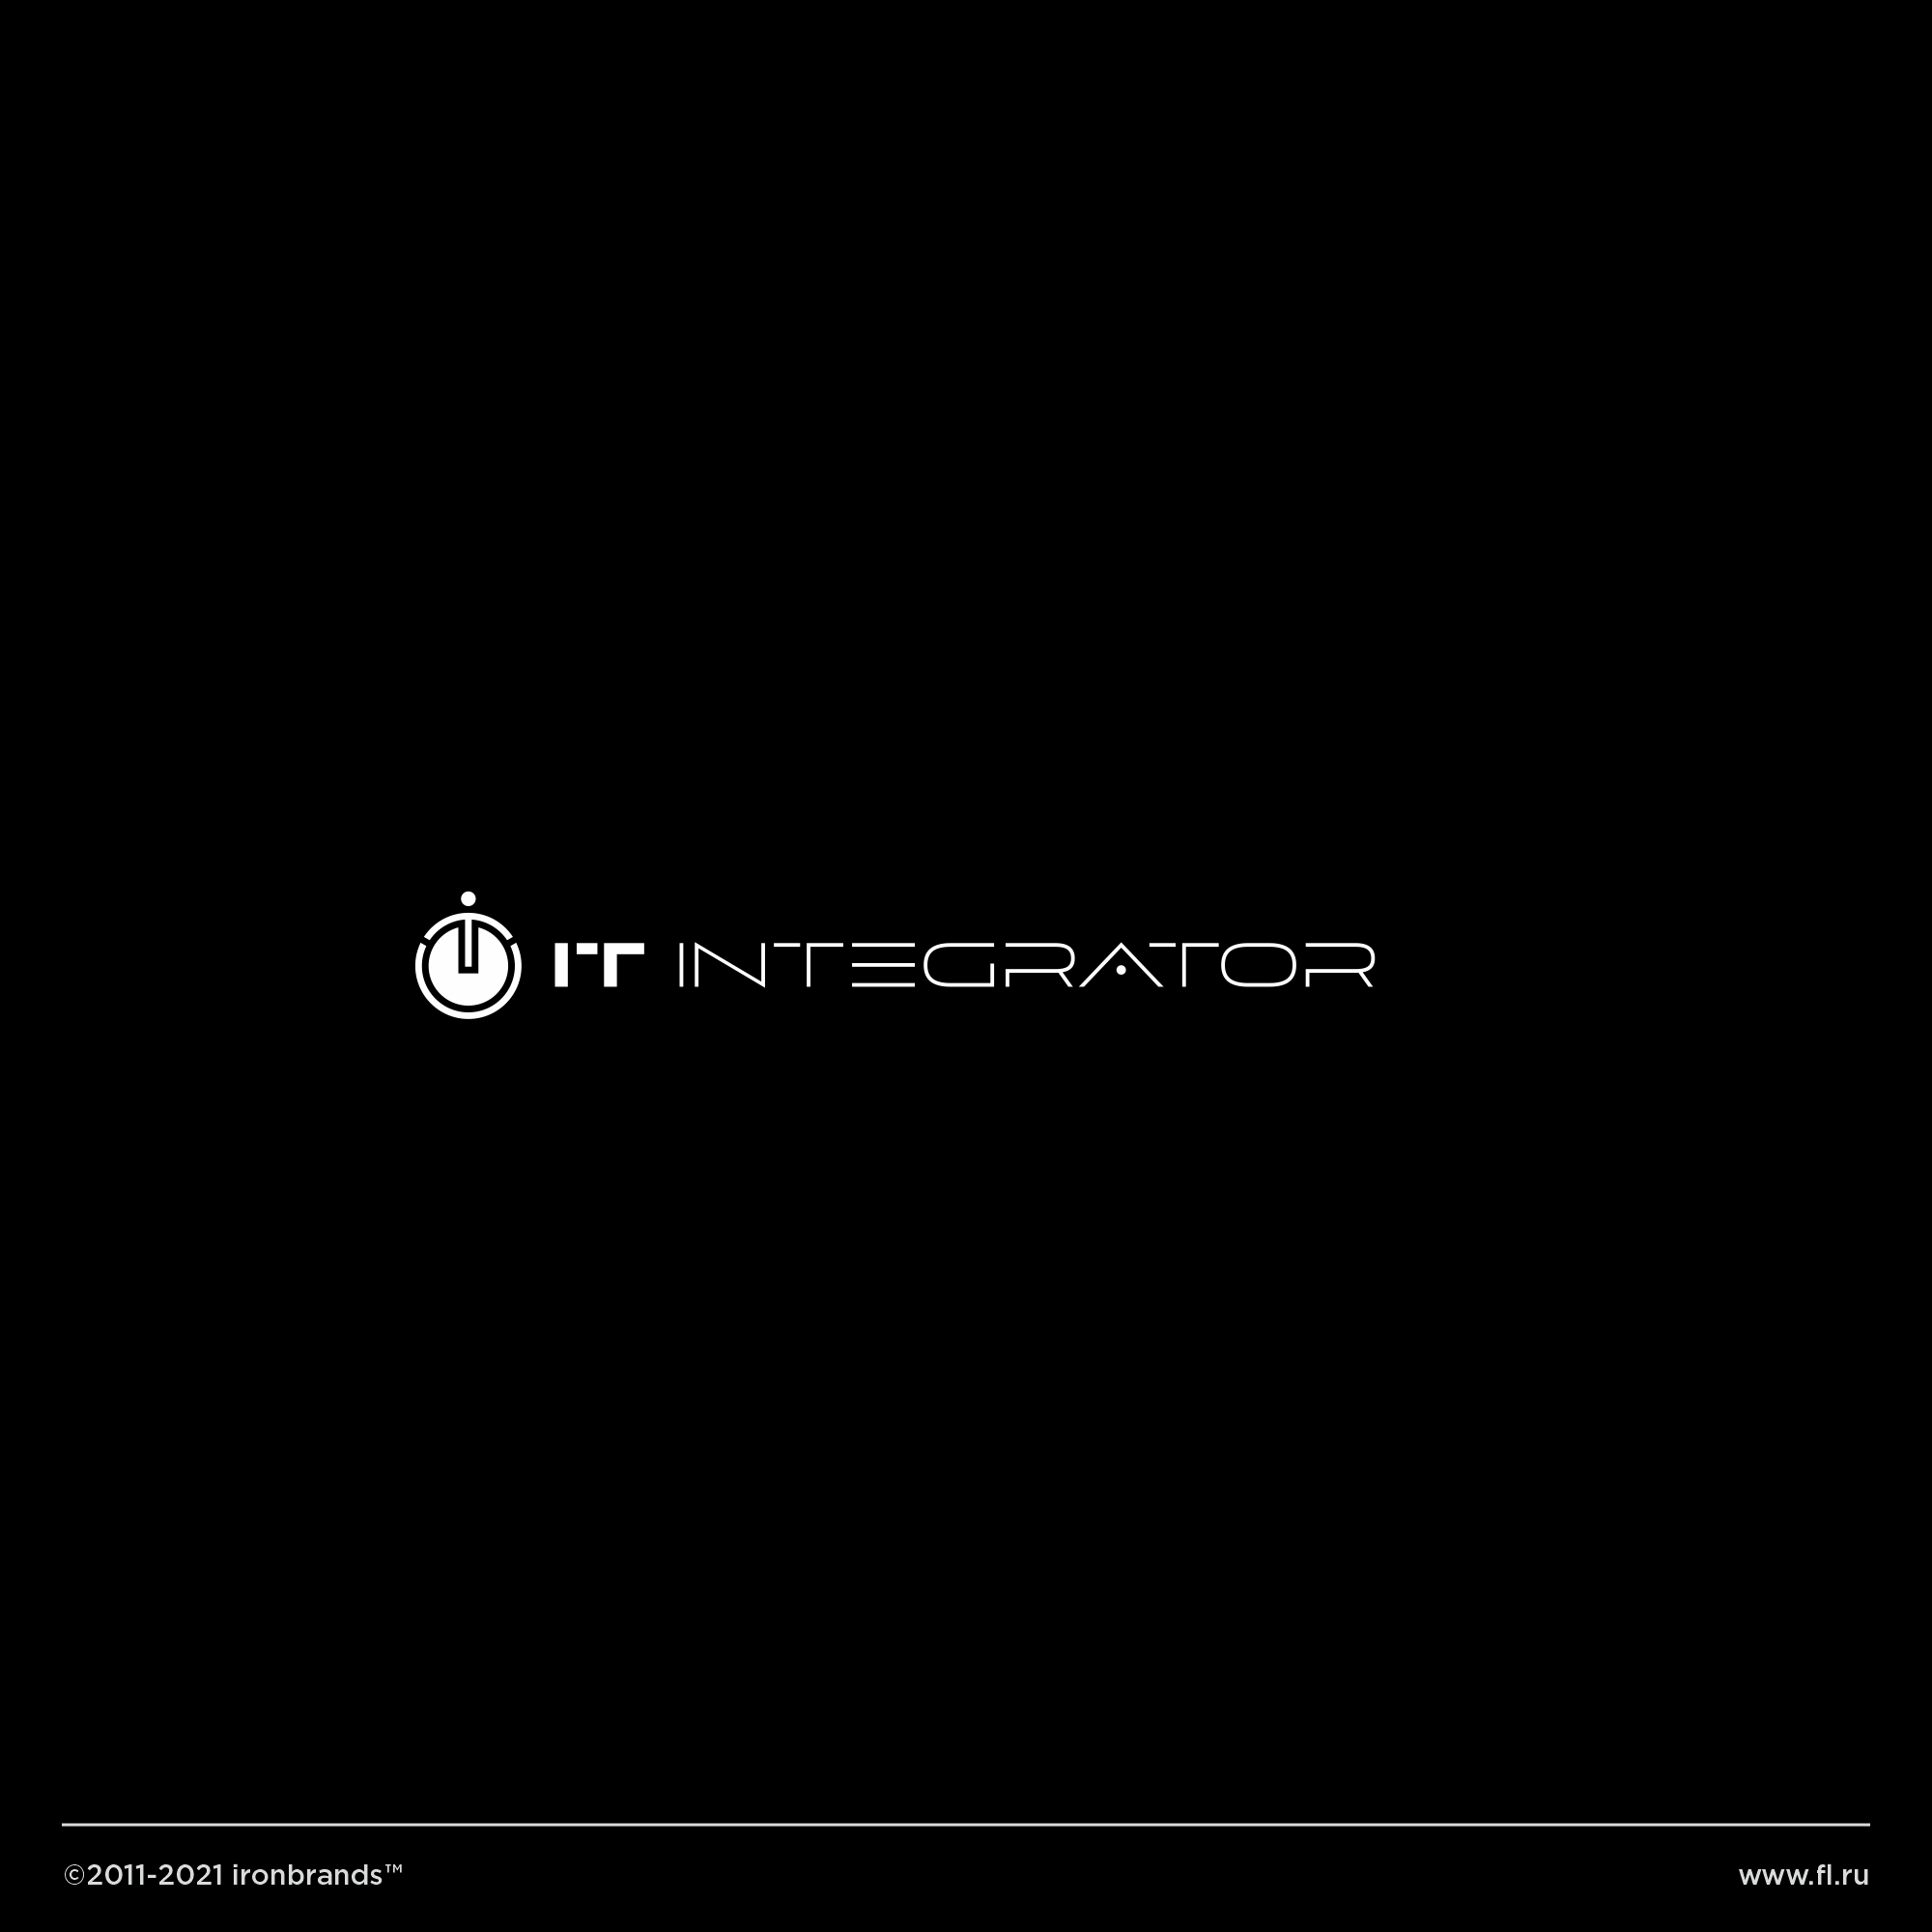 Логотип для IT интегратора фото f_348614daa0bbf540.jpg